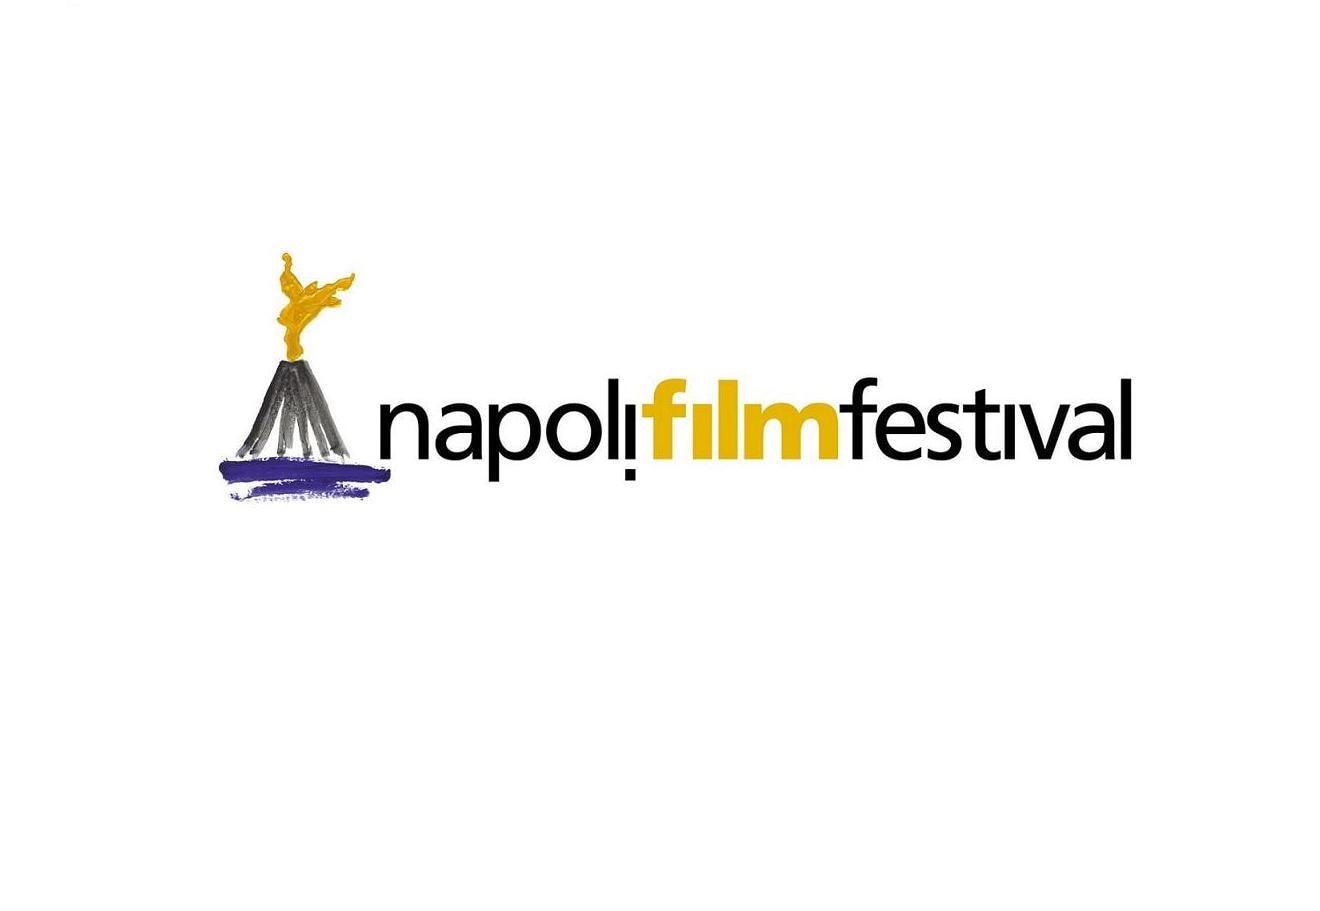 Il Napoli film festival ricorda Toto' e Troisi e da un impronta comica alla città